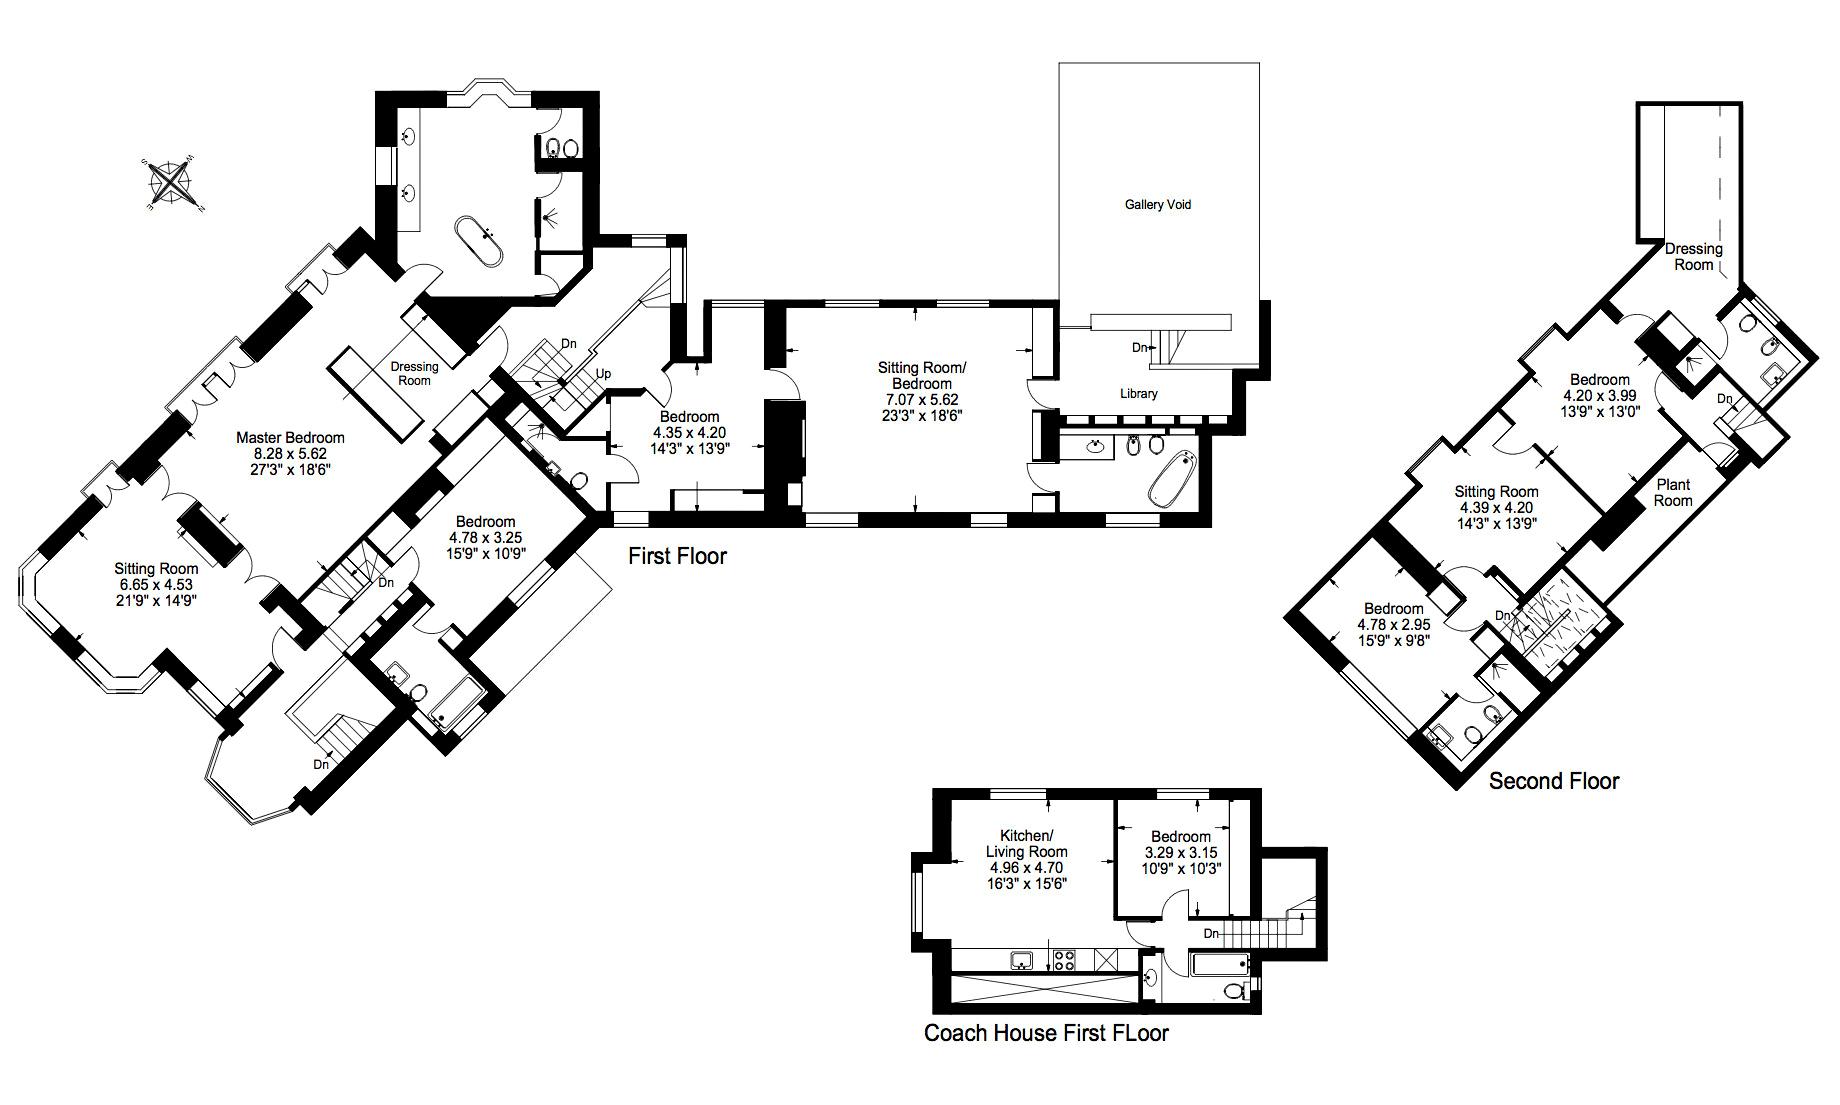 Floor Plans - John Lennon's Former Kenwood Home - Weybridge, Surrey, England, UK